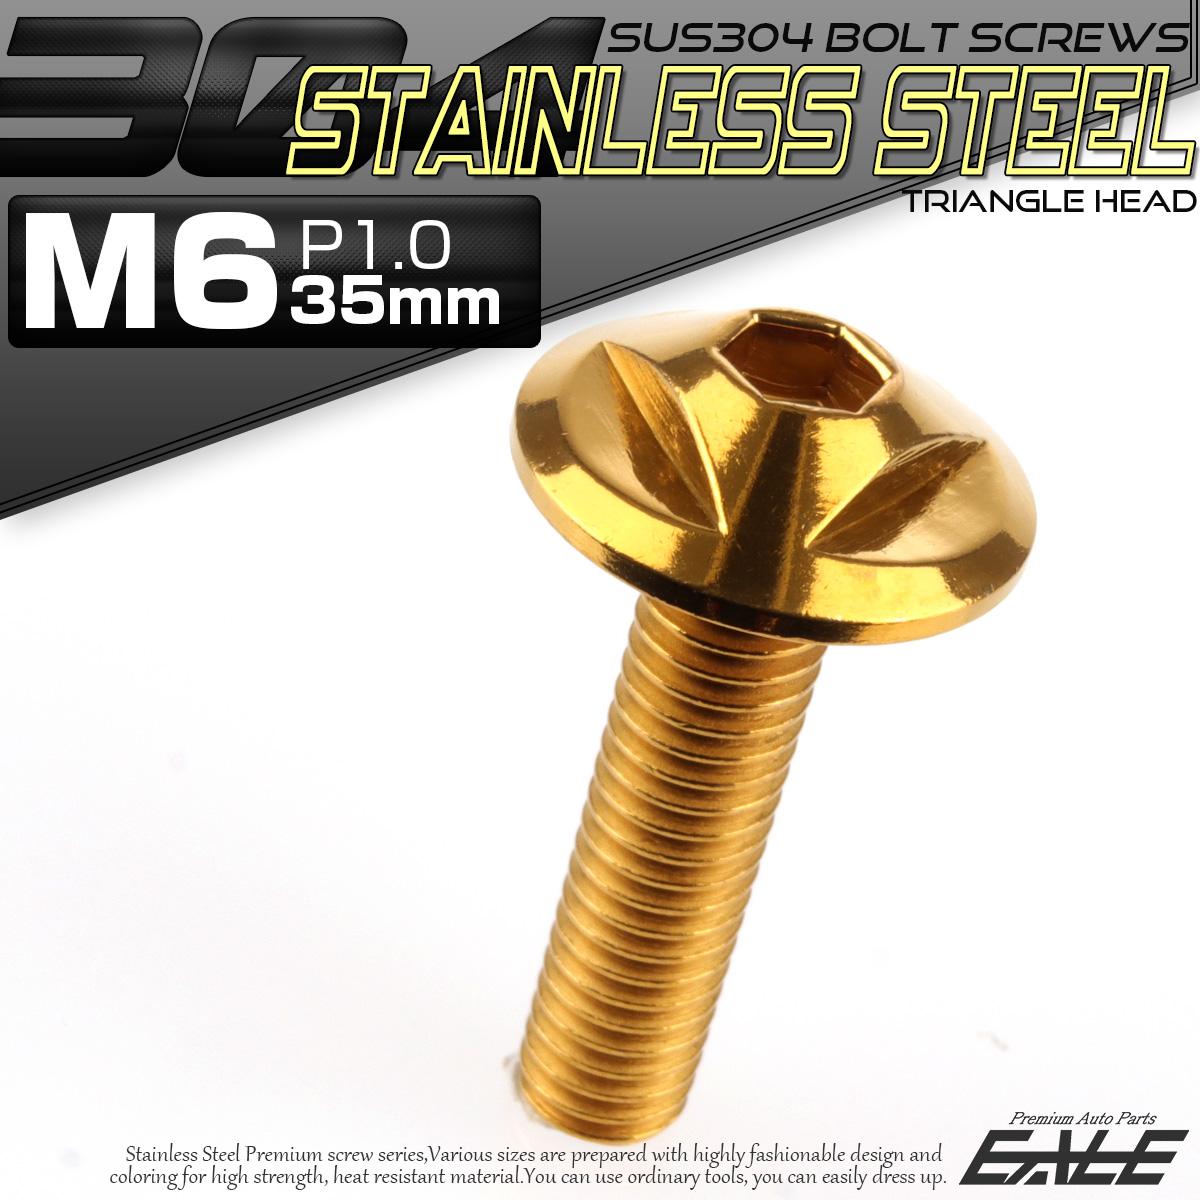 SUS304 フランジ付 ボタンボルト M6×35mm P1.0 六角穴  ゴールド トライアングルヘッド ステンレス製  TR0154